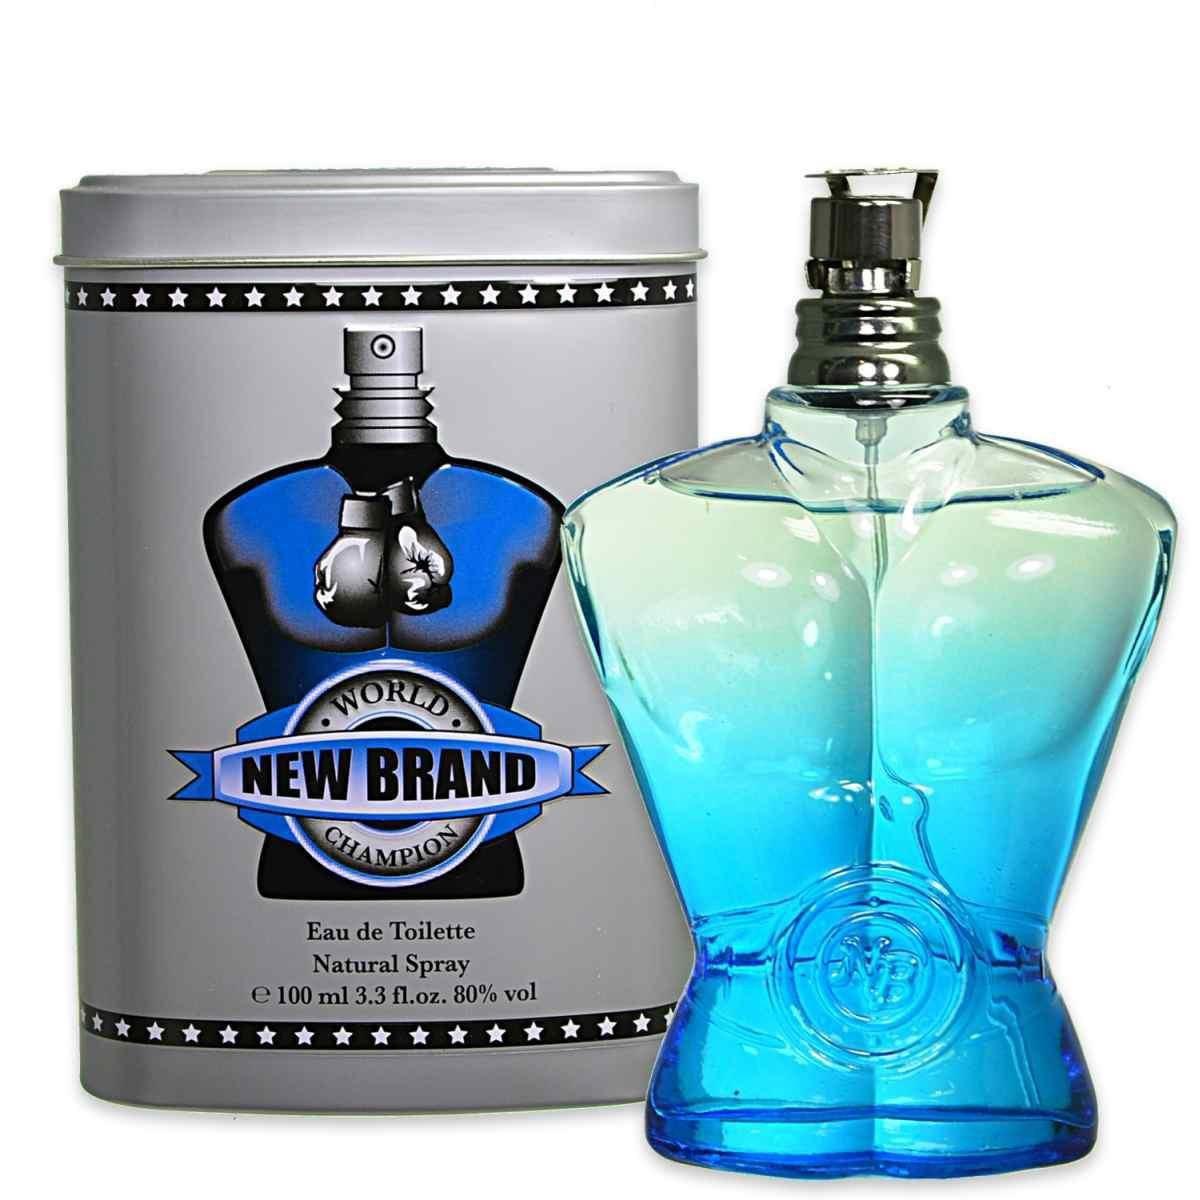 Perfume World Champion 100ml New Brand